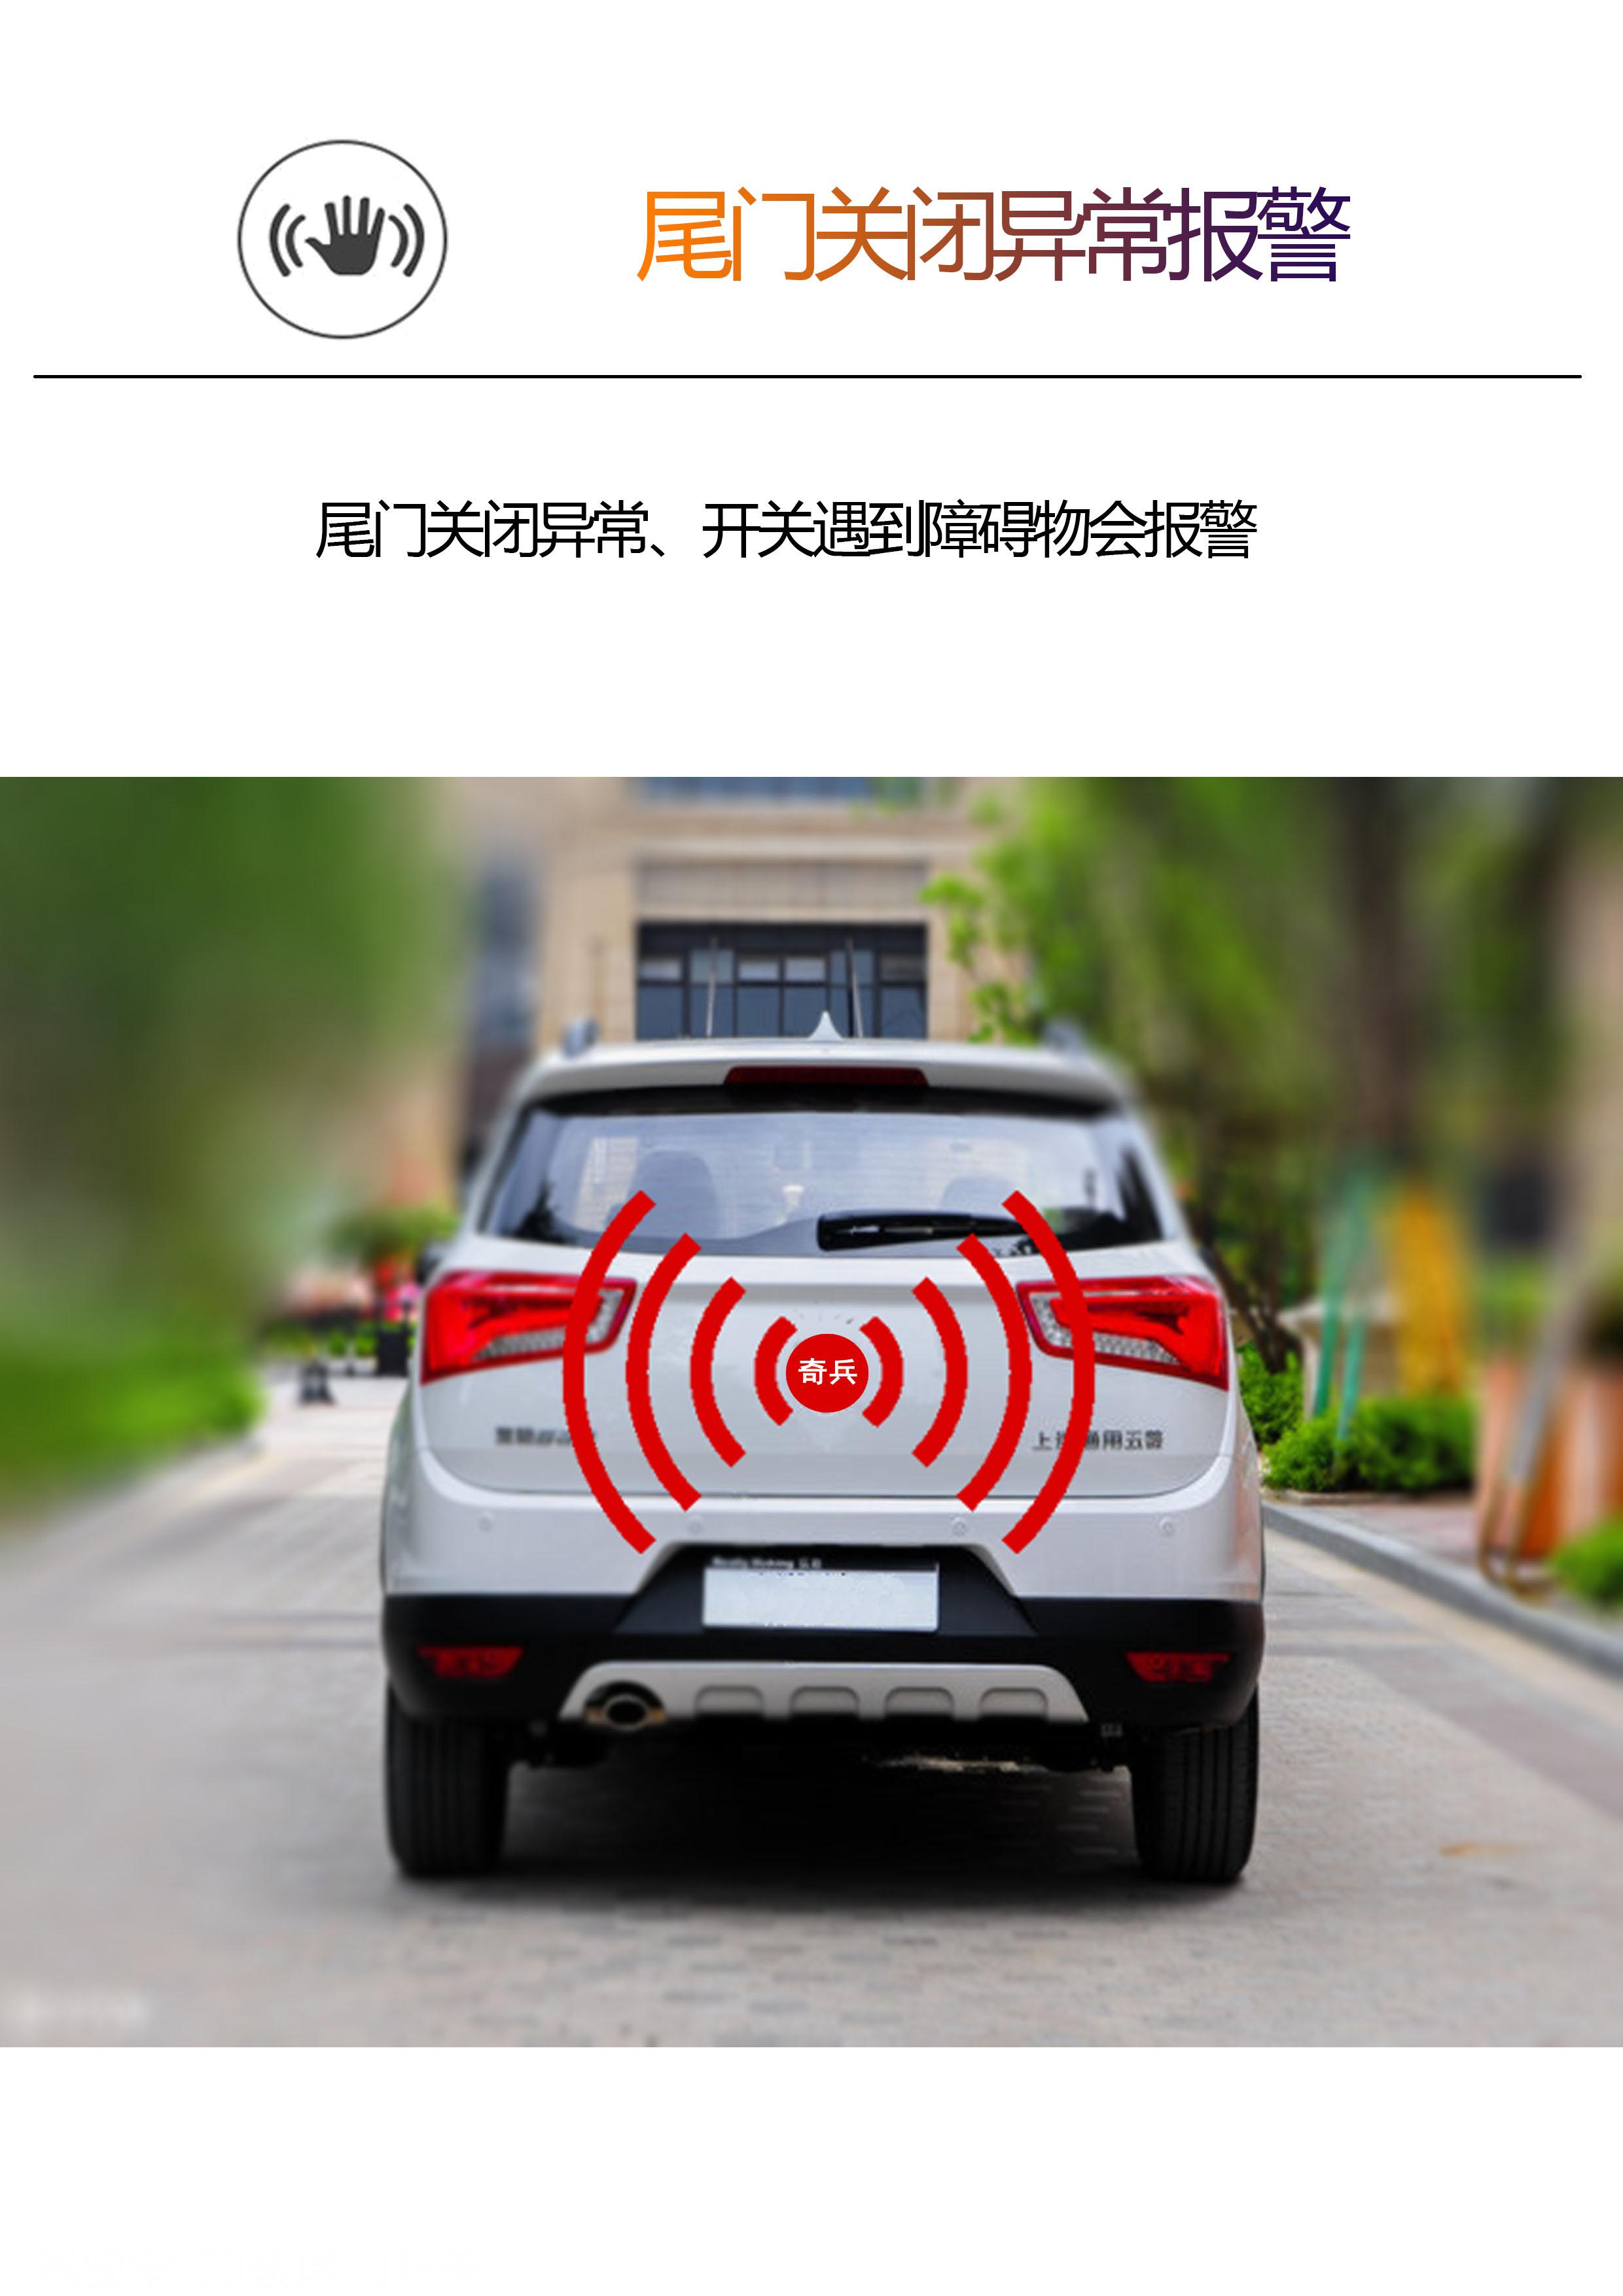 汽车智能电动尾门总成